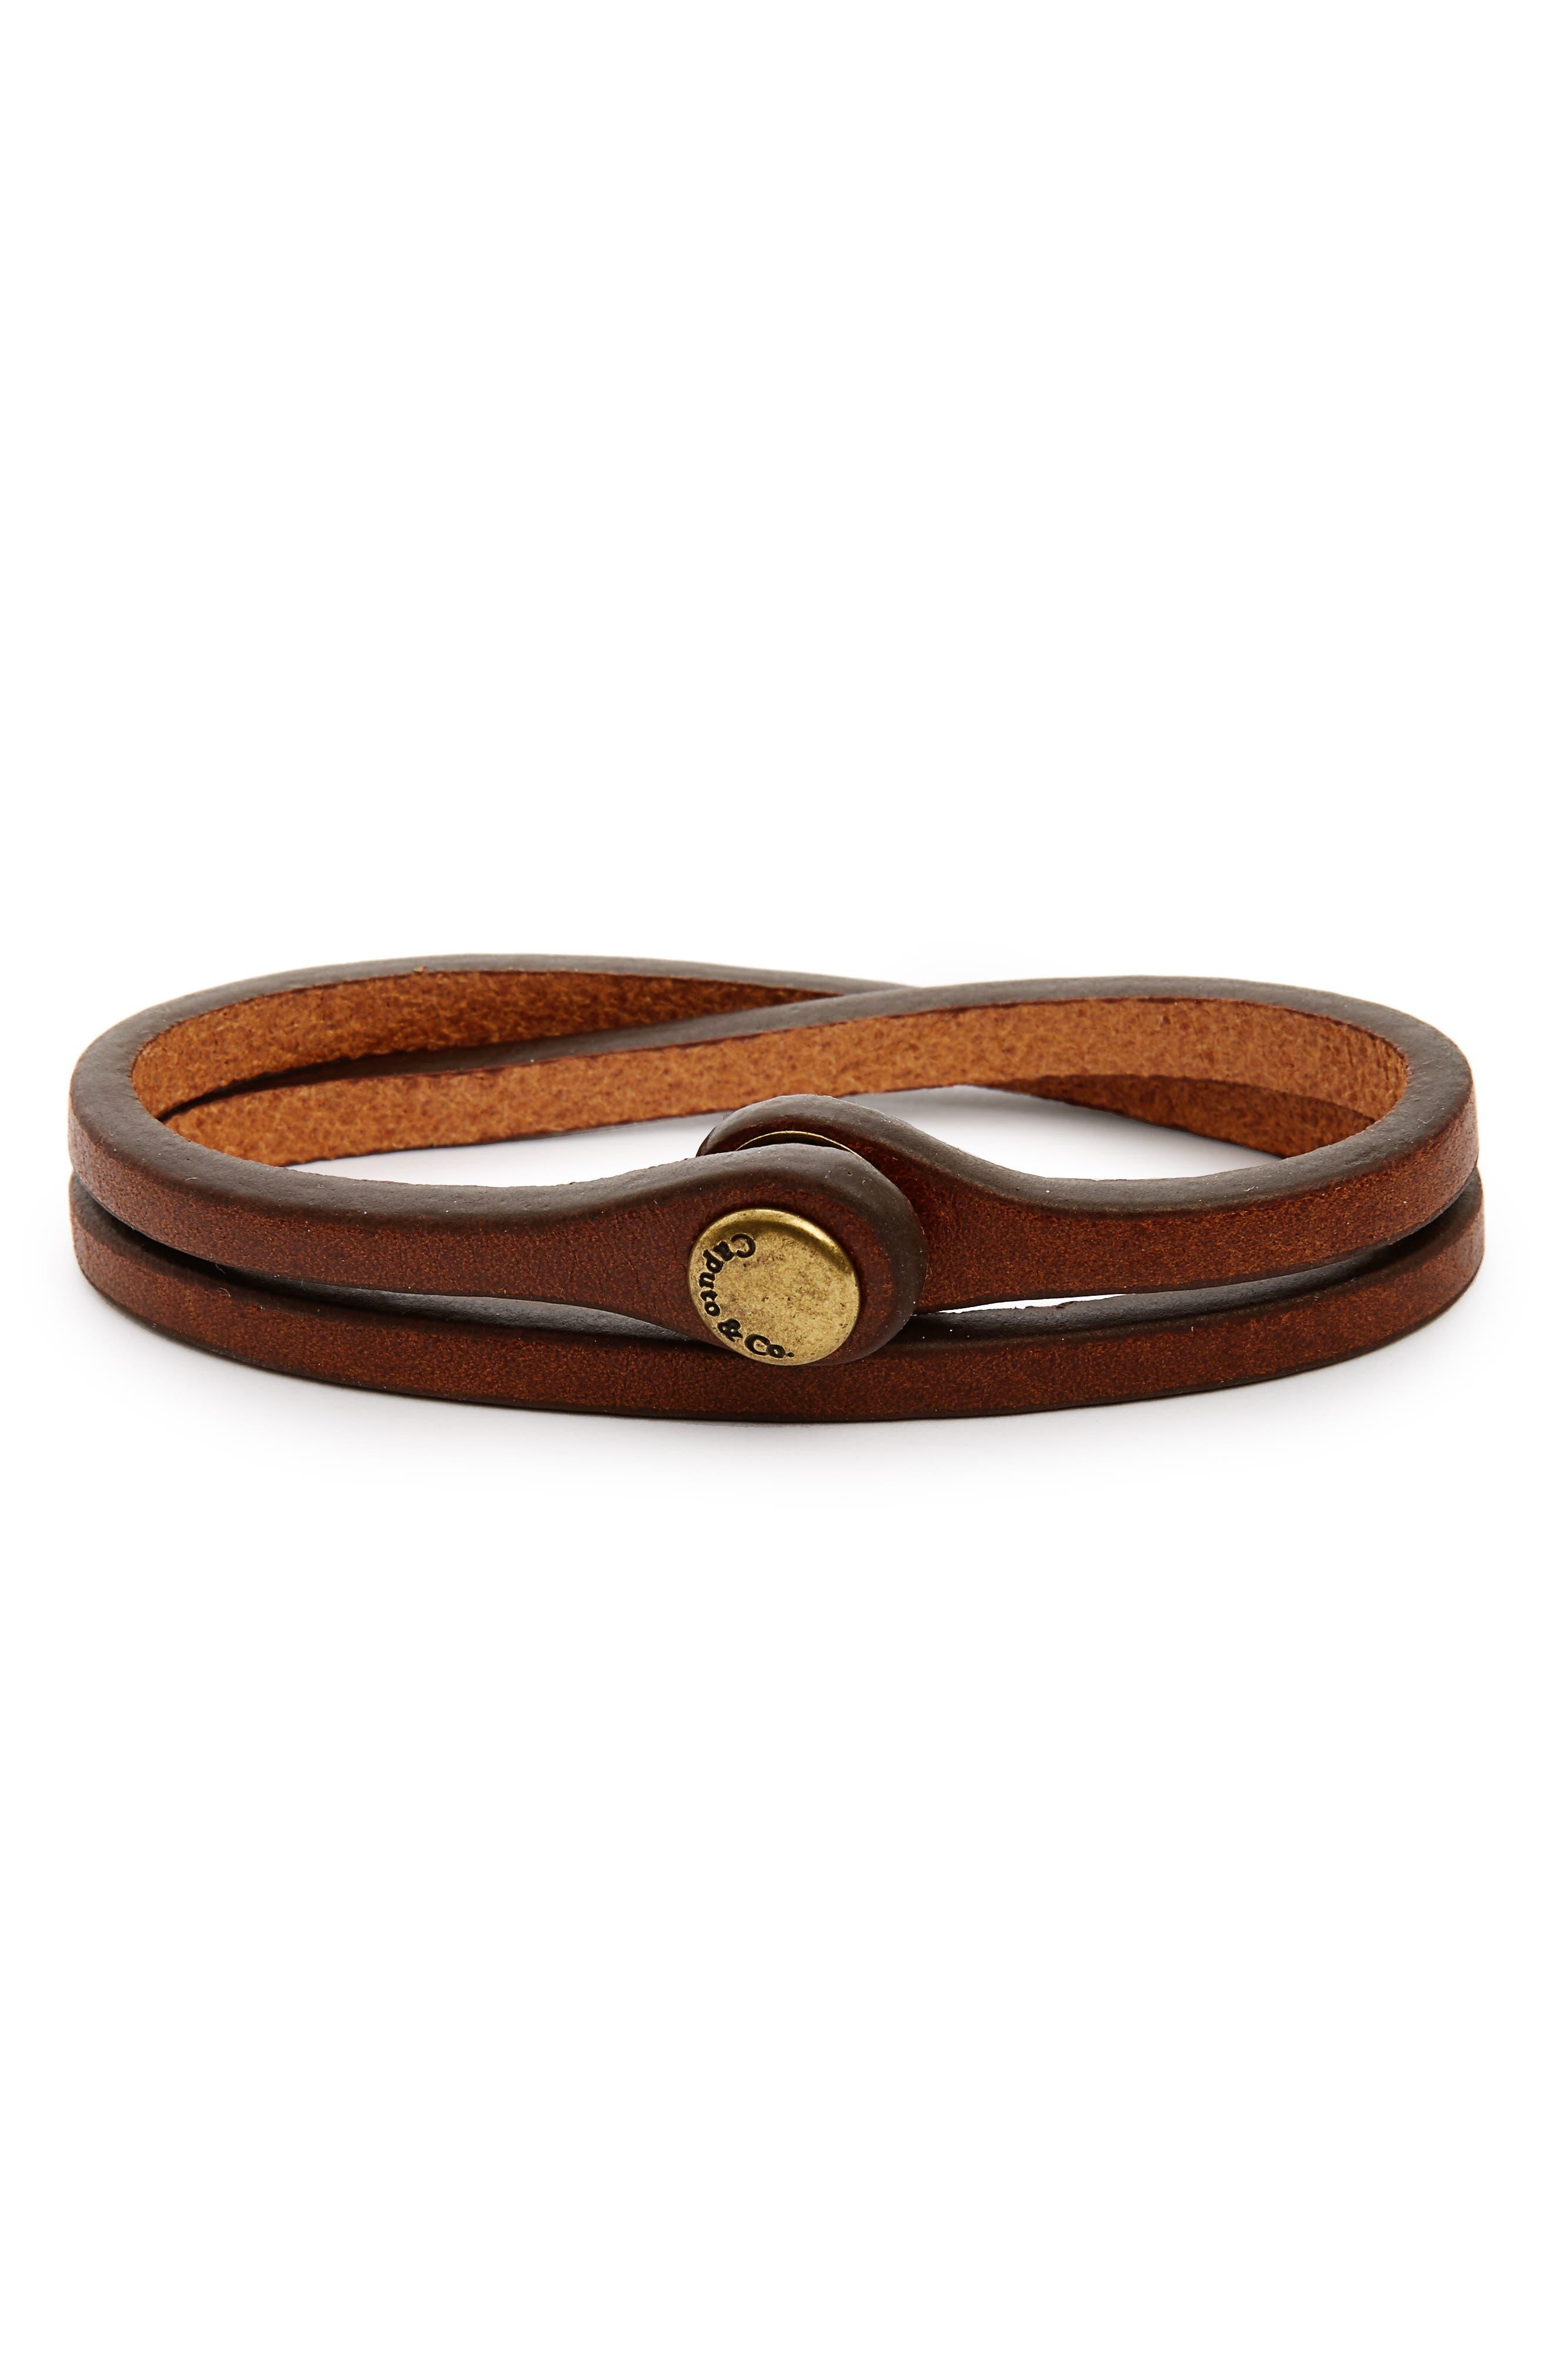 Leather Wrap Bracelet,                         Main,                         color, 250